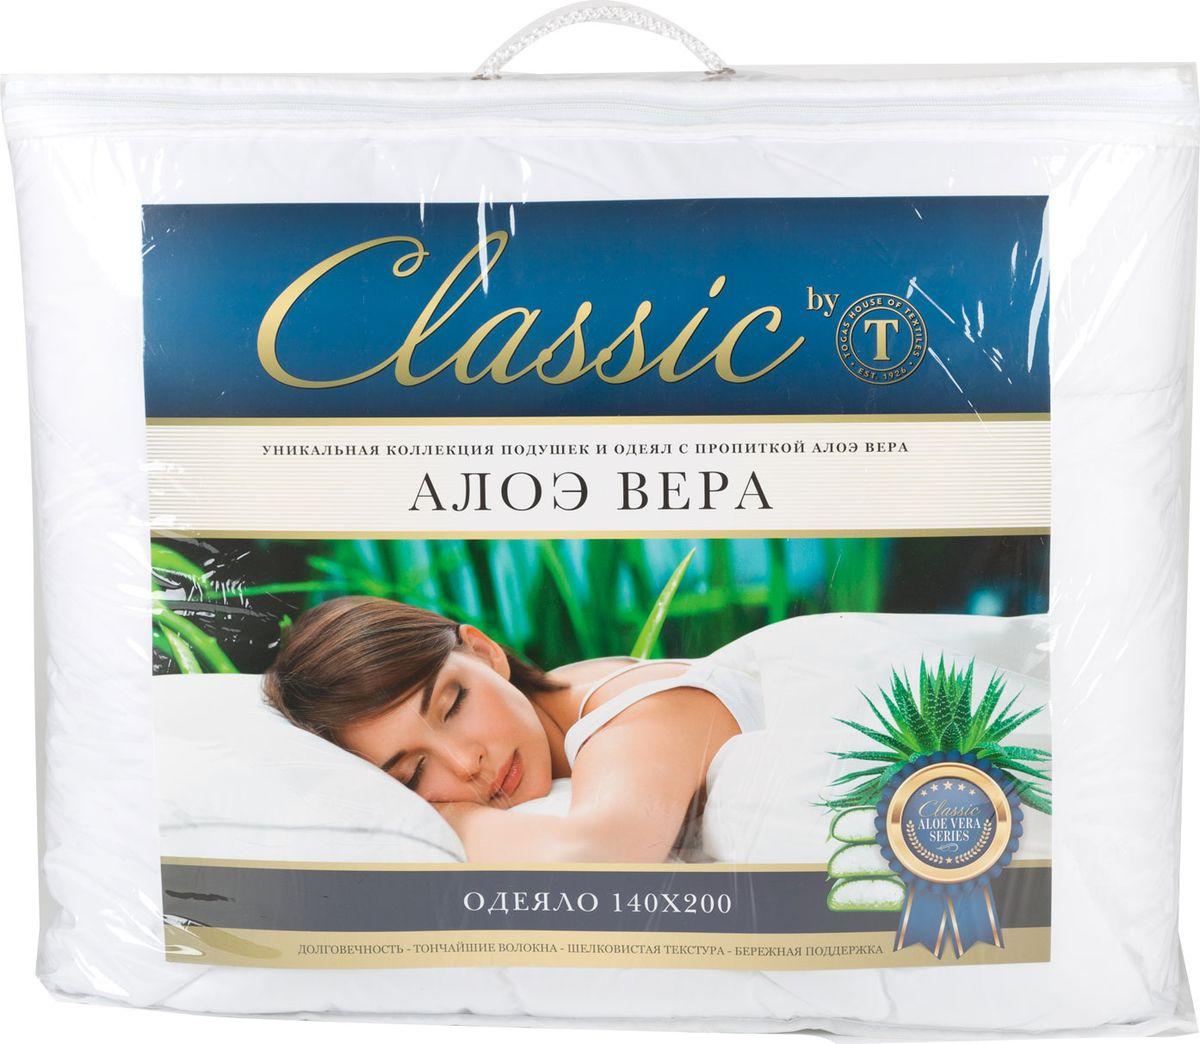 Одеяло Classic by Togas Алоэ вера, наполнитель: лебяжий пух, 200 х 210 см42.441Одеяло Classic by Togas Алоэ вера поможет расслабиться, снимет усталость и подарит вам спокойный и здоровый сон. Одеяло с наполнителем из лебяжьего пуха необычайно легкое, пышное, обладает превосходными теплозащитными свойствами. Такой наполнитель отлично удерживает воздух и тепло, превосходно впитывает влагу и испаряет ее. Это экологически чистый материал с высокими гигиеническими и гипоаллергенными качествами, который к тому же очень практичен. Одеяло с таким наполнителем можно стирать дома, а сохнет оно почти моментально. Чехол одеяла сделан из высокотехнологичной ткани - микрофибры. Она приятна на ощупь и отличается высокой прочностью. Гель алоэ вера, которым пропитаны чехол и наполнитель, обладает уникальными свойствами: оказывает оздоравливающий и тонизирующий эффект, увлажняет кожу, способствует улучшению работы сердца, расслабляет и снимает напряжение в мышцах.